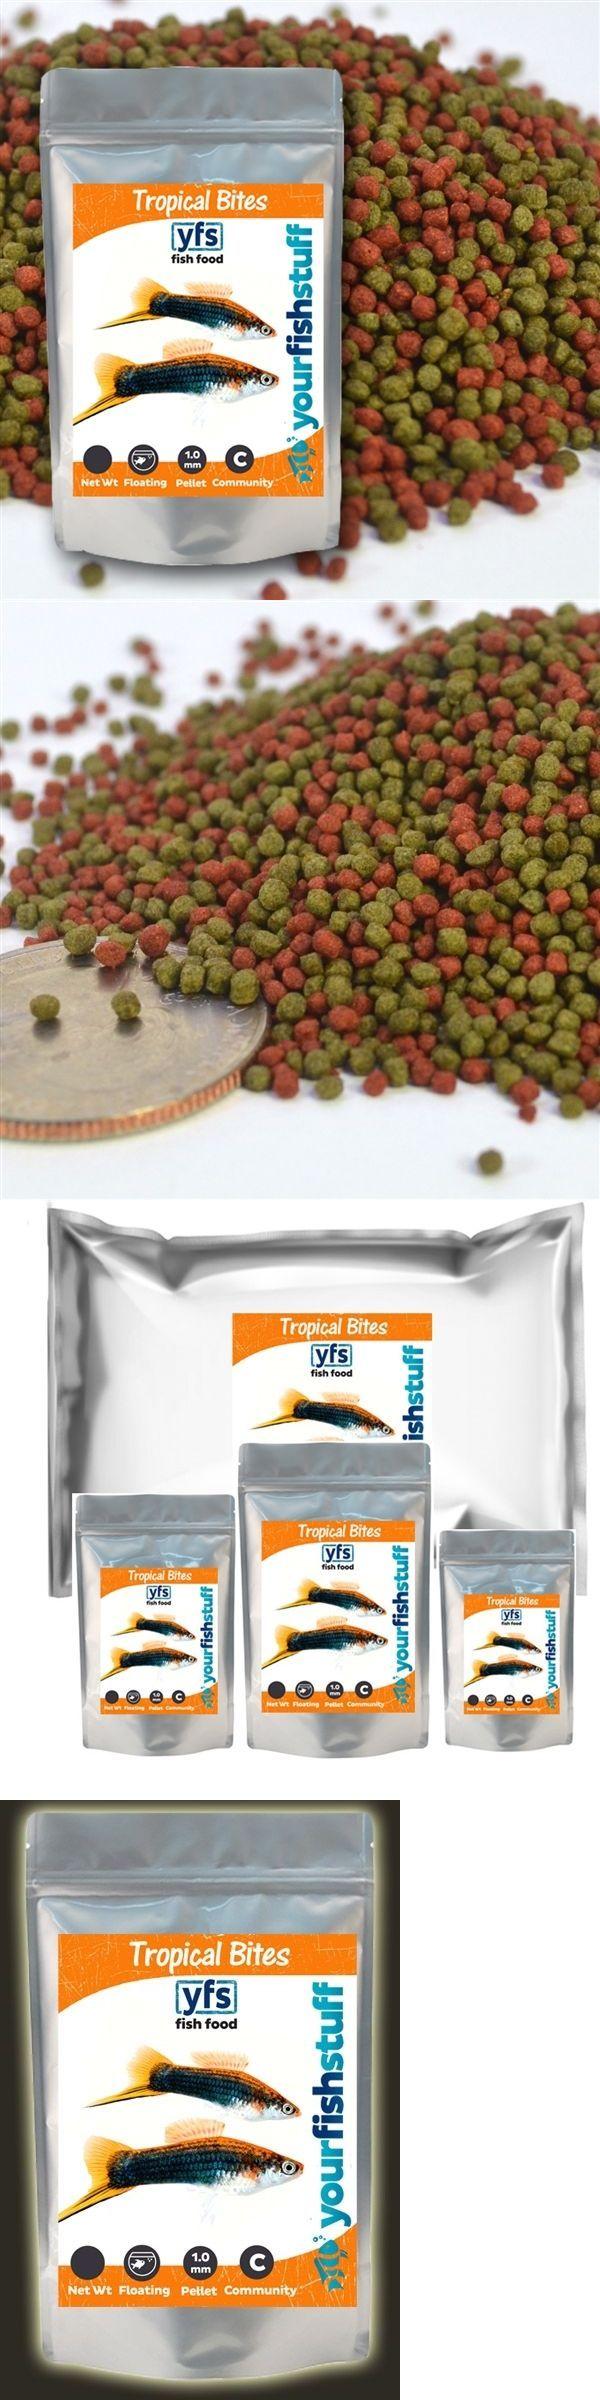 Jbj aquarium fish tank siphon gravel vacuum cleaner - Food 20759 Yfs Tropical Floating Bites Bulk Aquarium Fish Food 1 2 Lb To